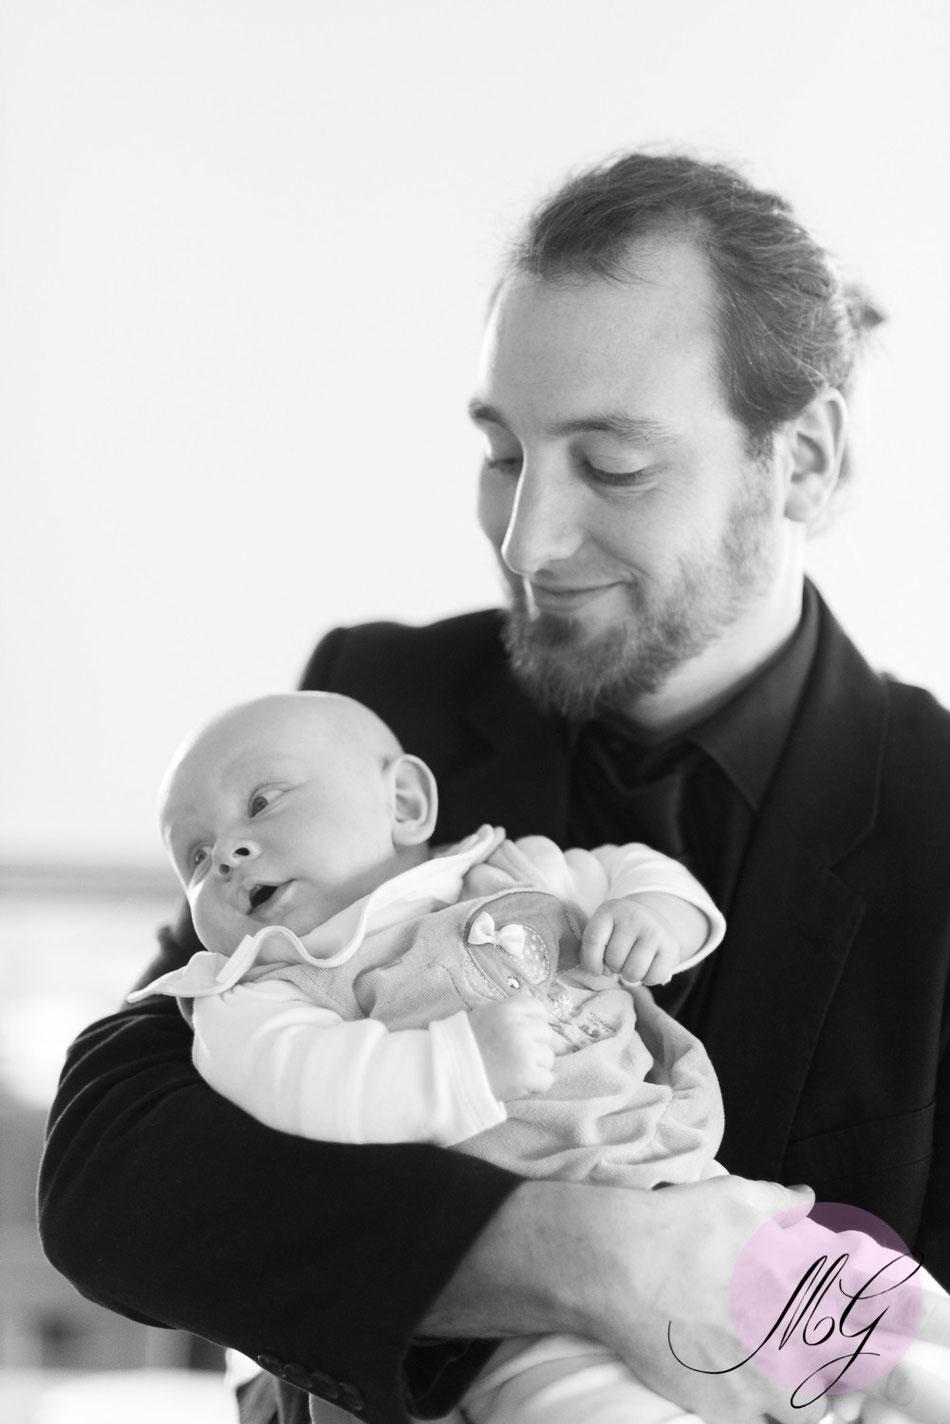 Jasmin, Baldauf, Fotograf, Hochzeit, Bad Kreuznach, Saarbrücken, Mine im Glück, Baby, Taufe